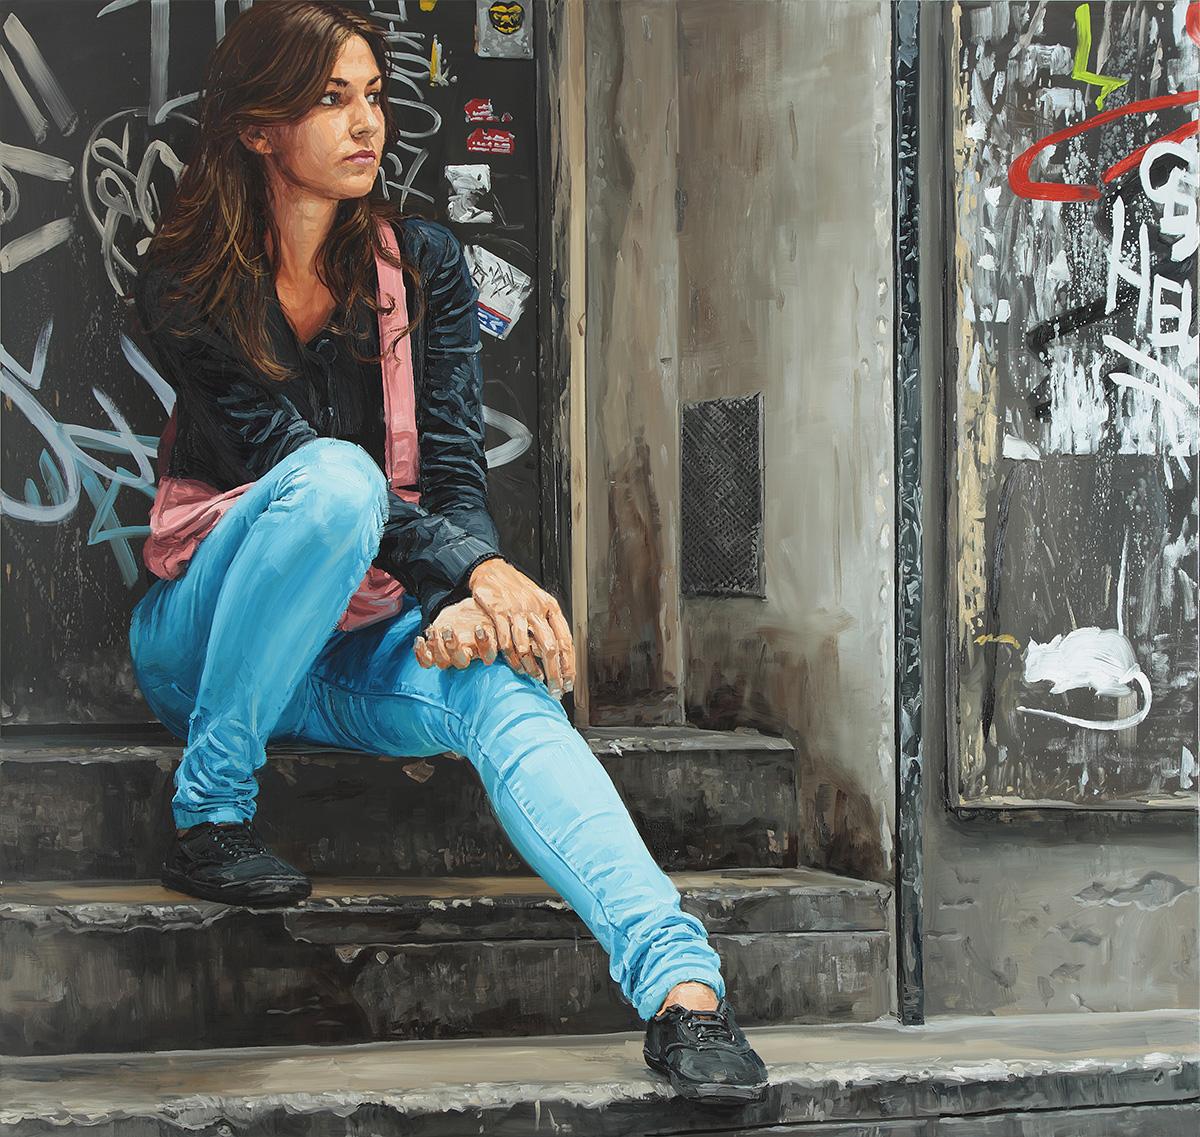 girl-brunette-backdoor-graffiti-180x190cm.jpg